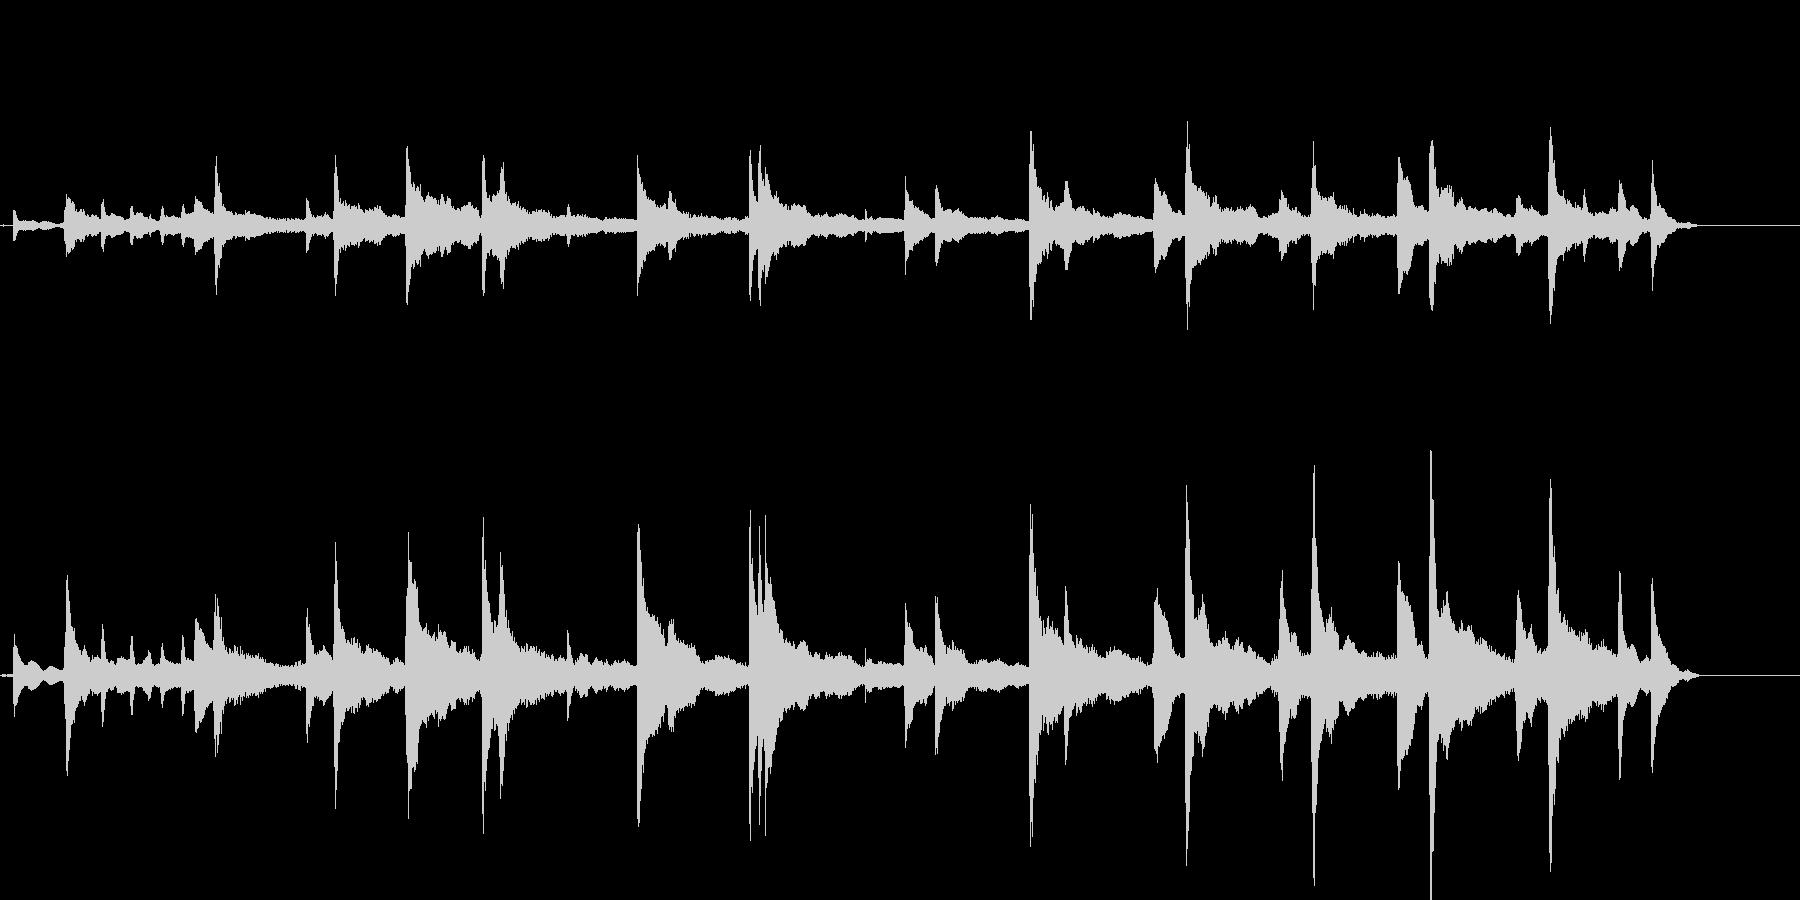 不思議で幻想的なイメージ 即興ピアノ_1の未再生の波形